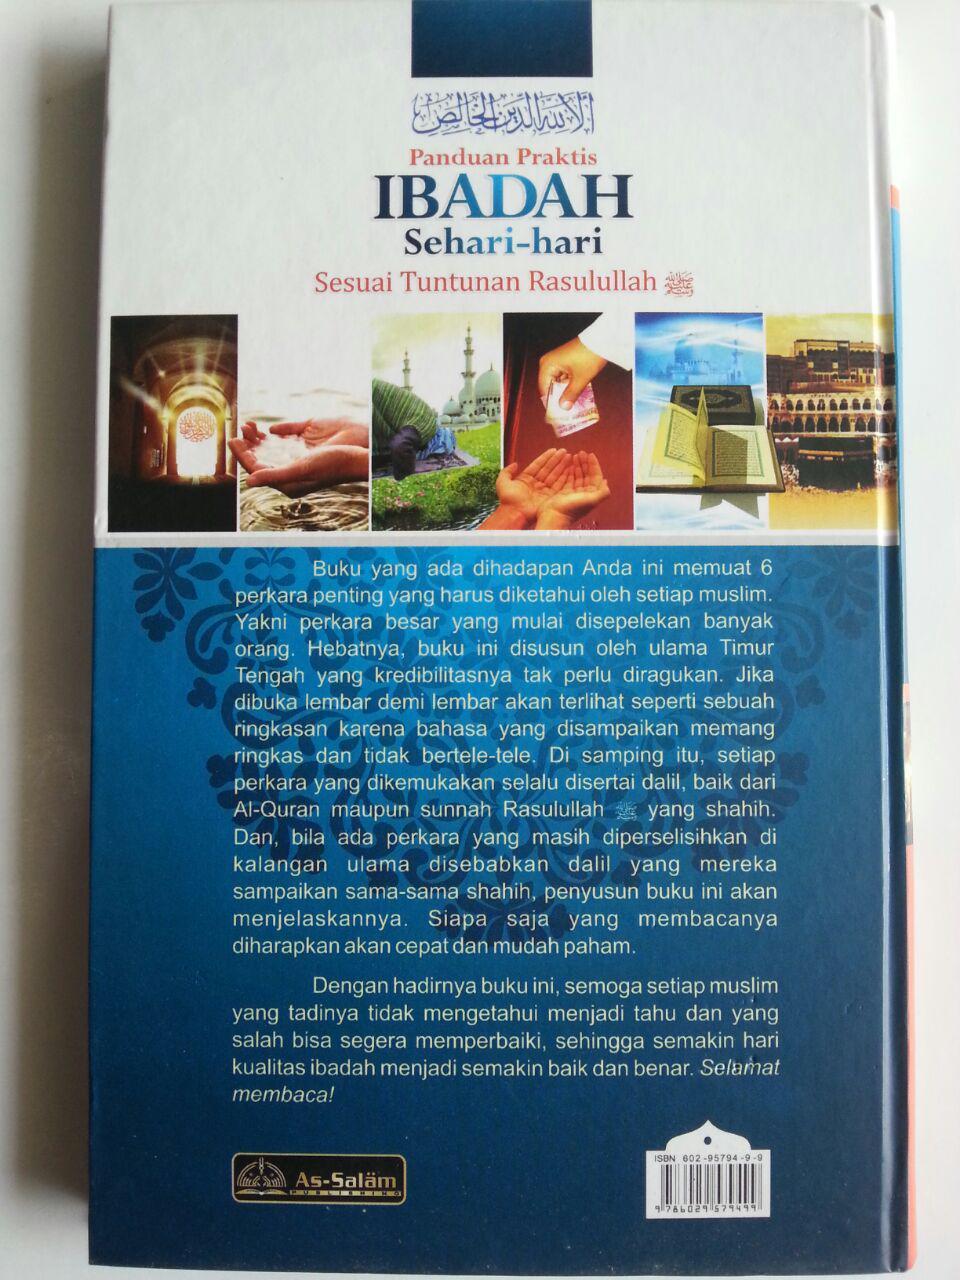 Buku Panduan Praktis Ibadah Sehari-Hari cover